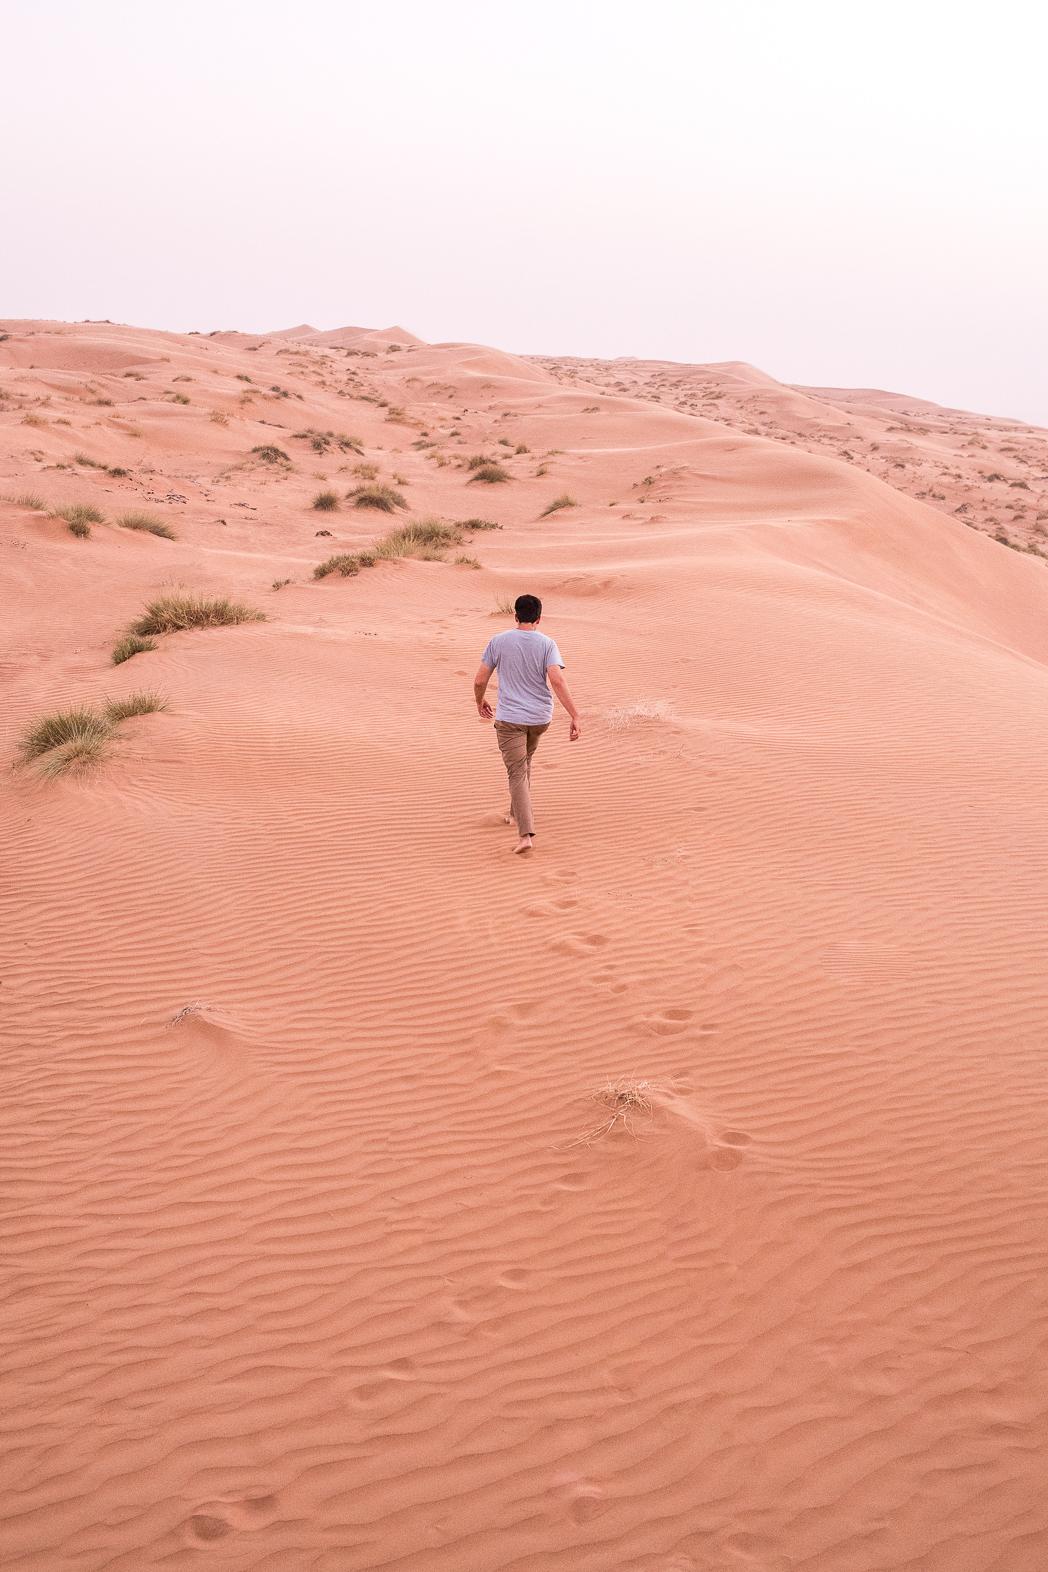 Stacie Flinner Hud Hud Travels Glamping Oman-14.jpg